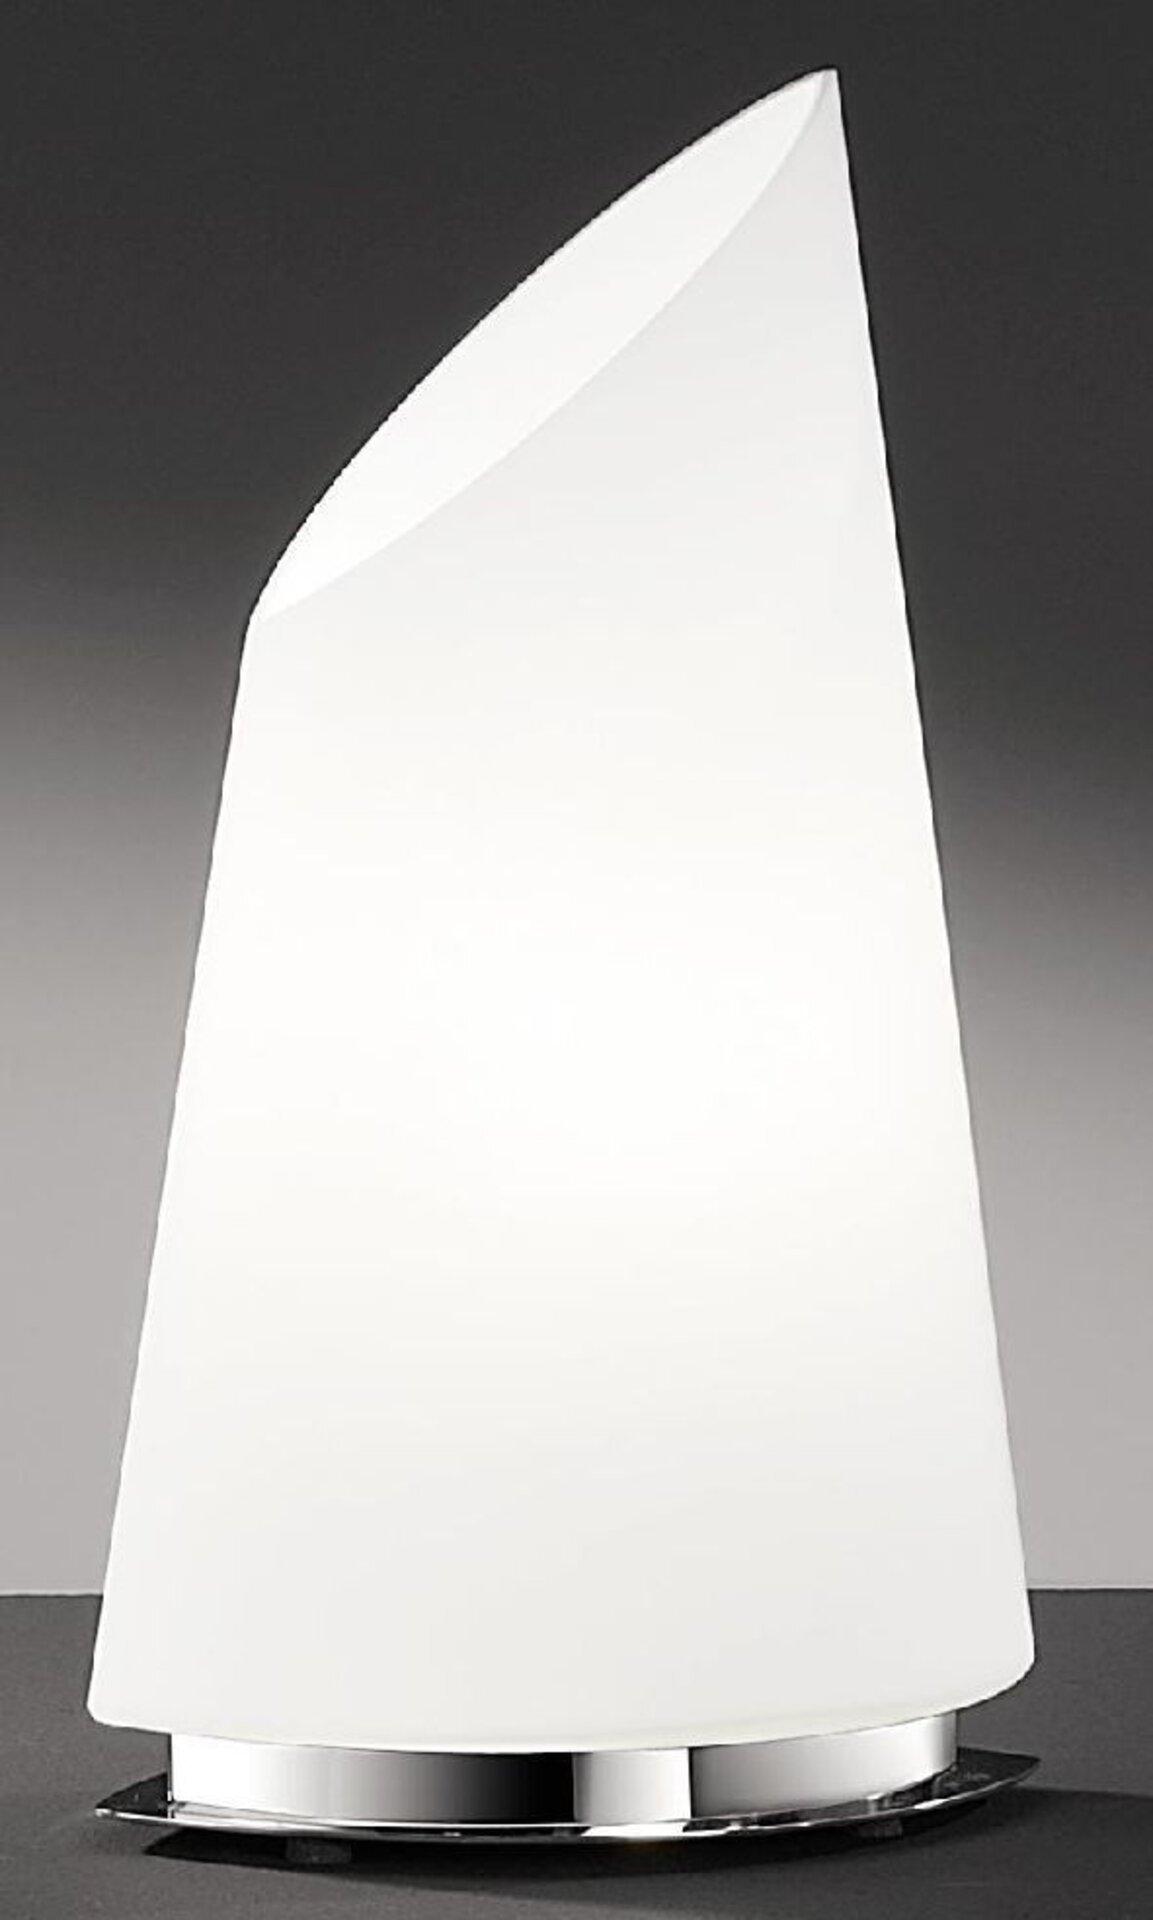 Tischleuchte Segel Bankamp Metall 13 x 42 x 24 cm